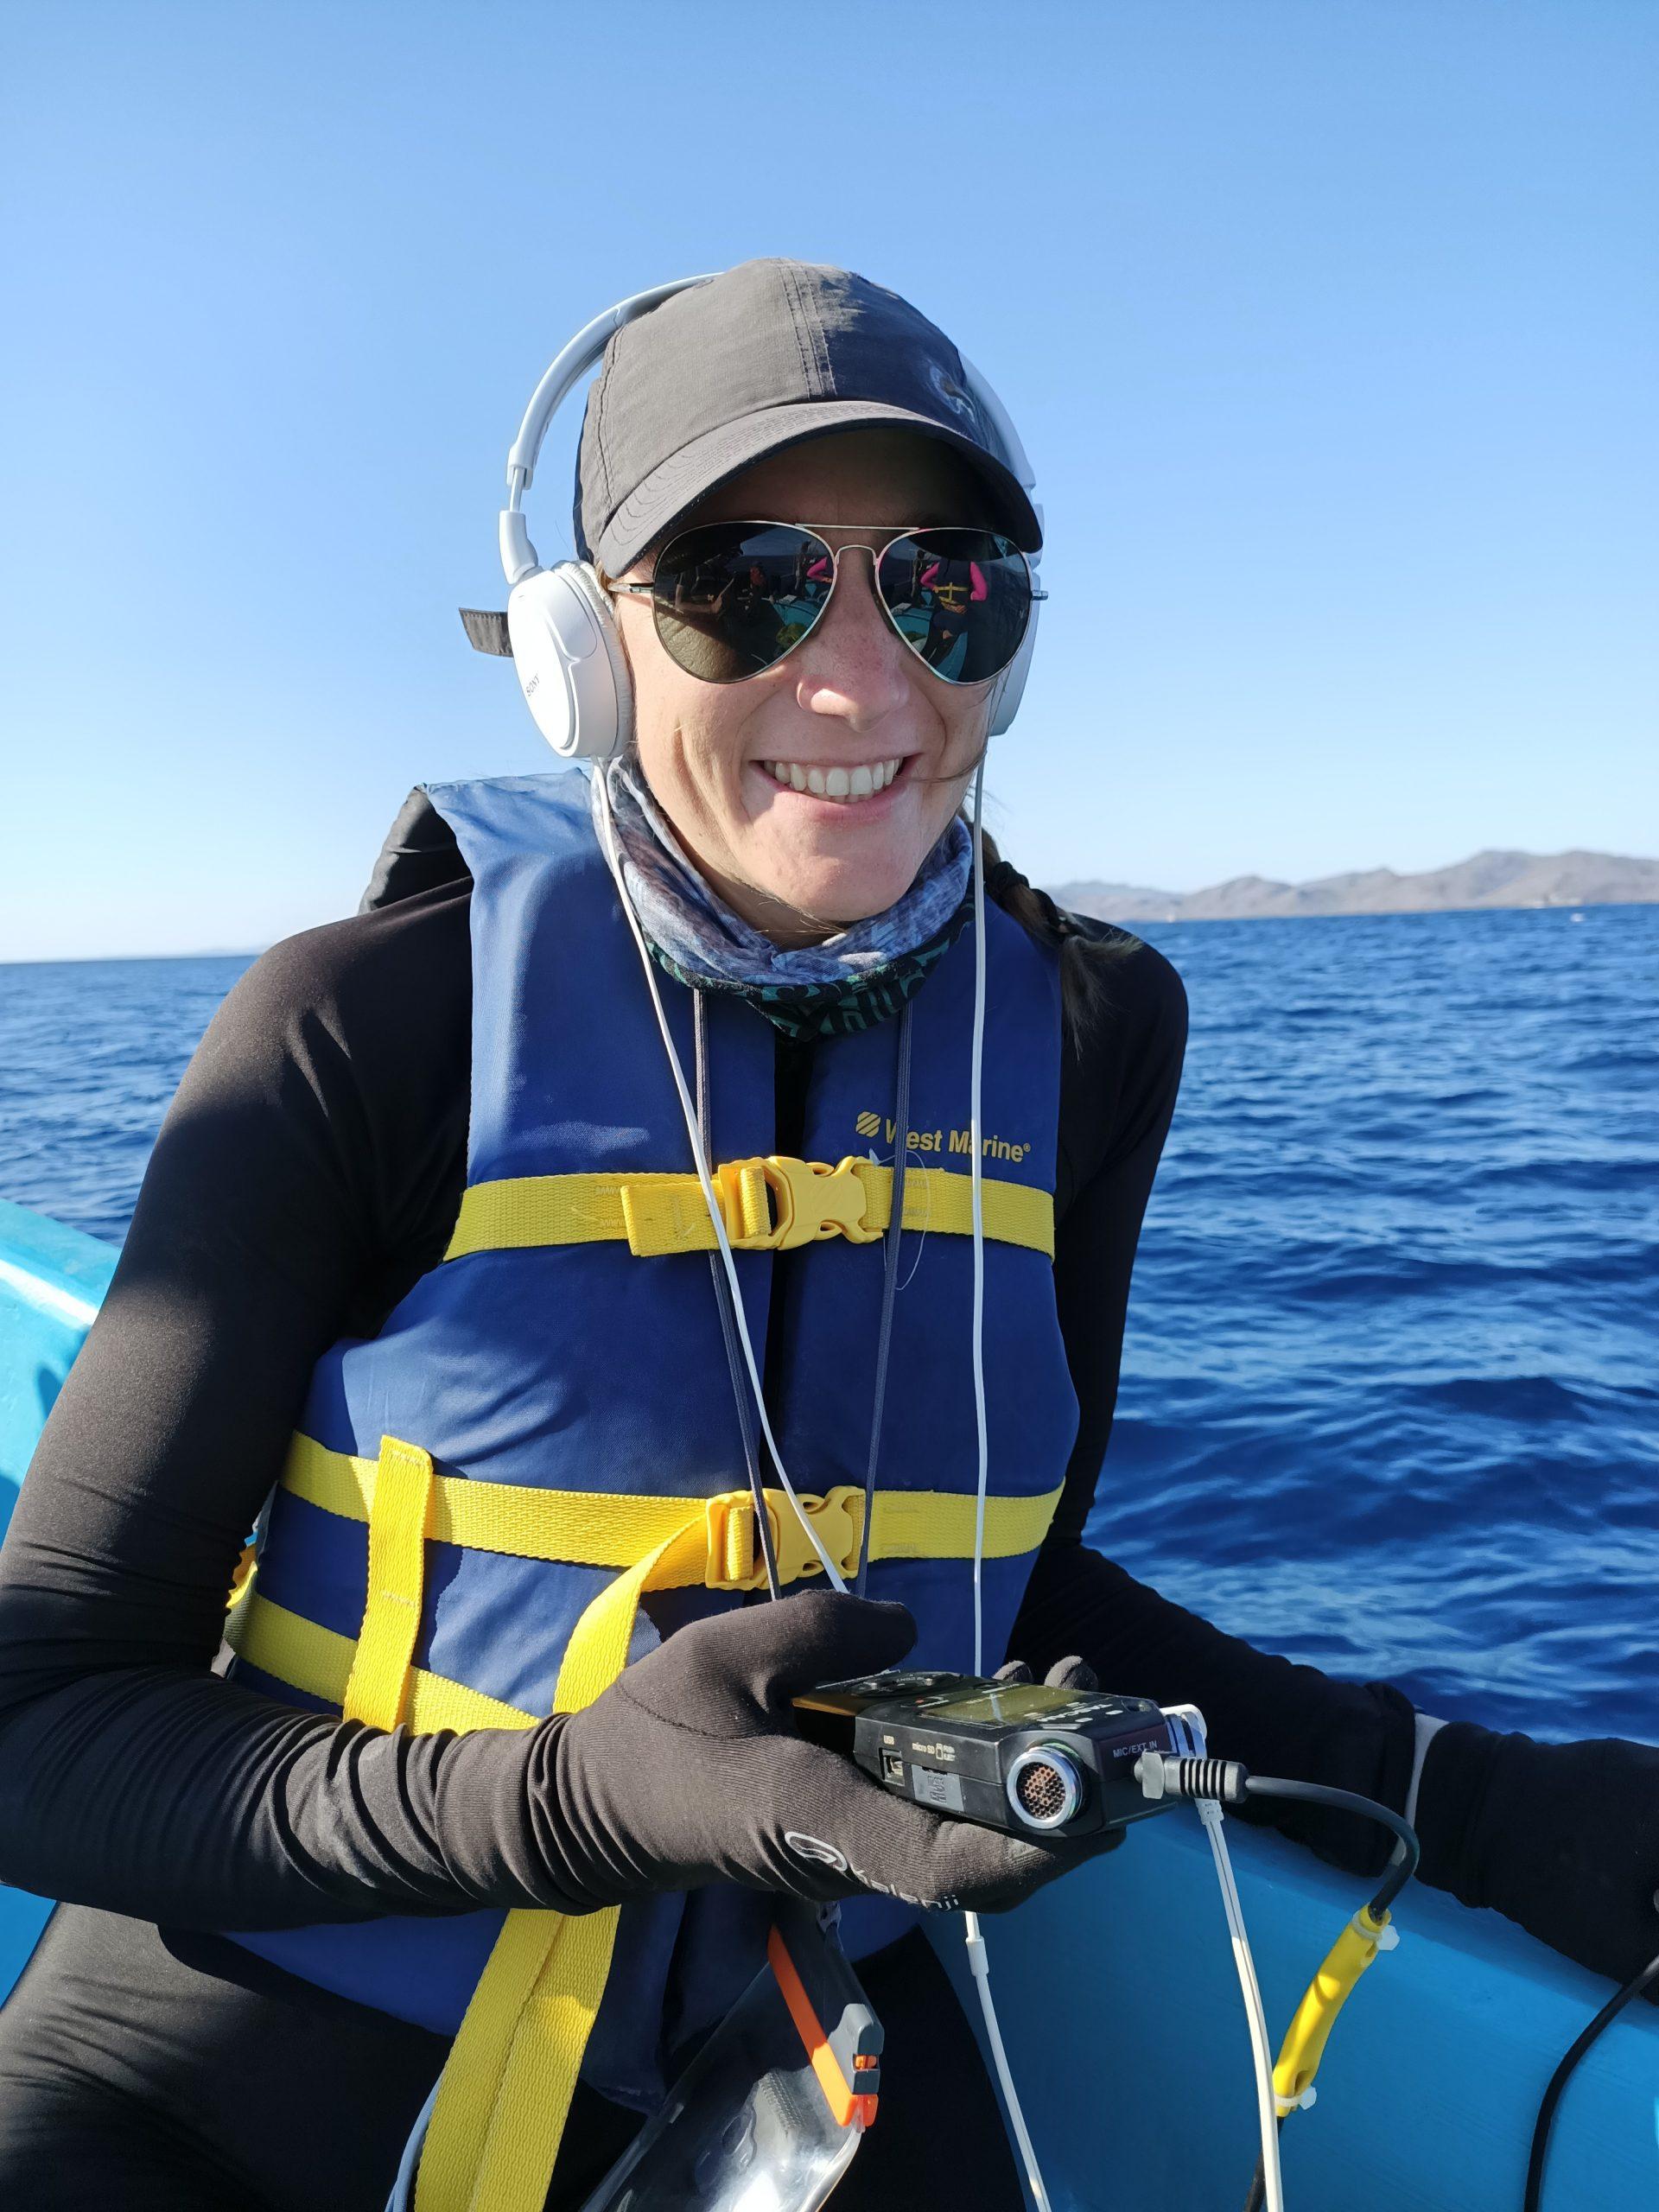 collecting data in the field - Joëlle De Weerdt